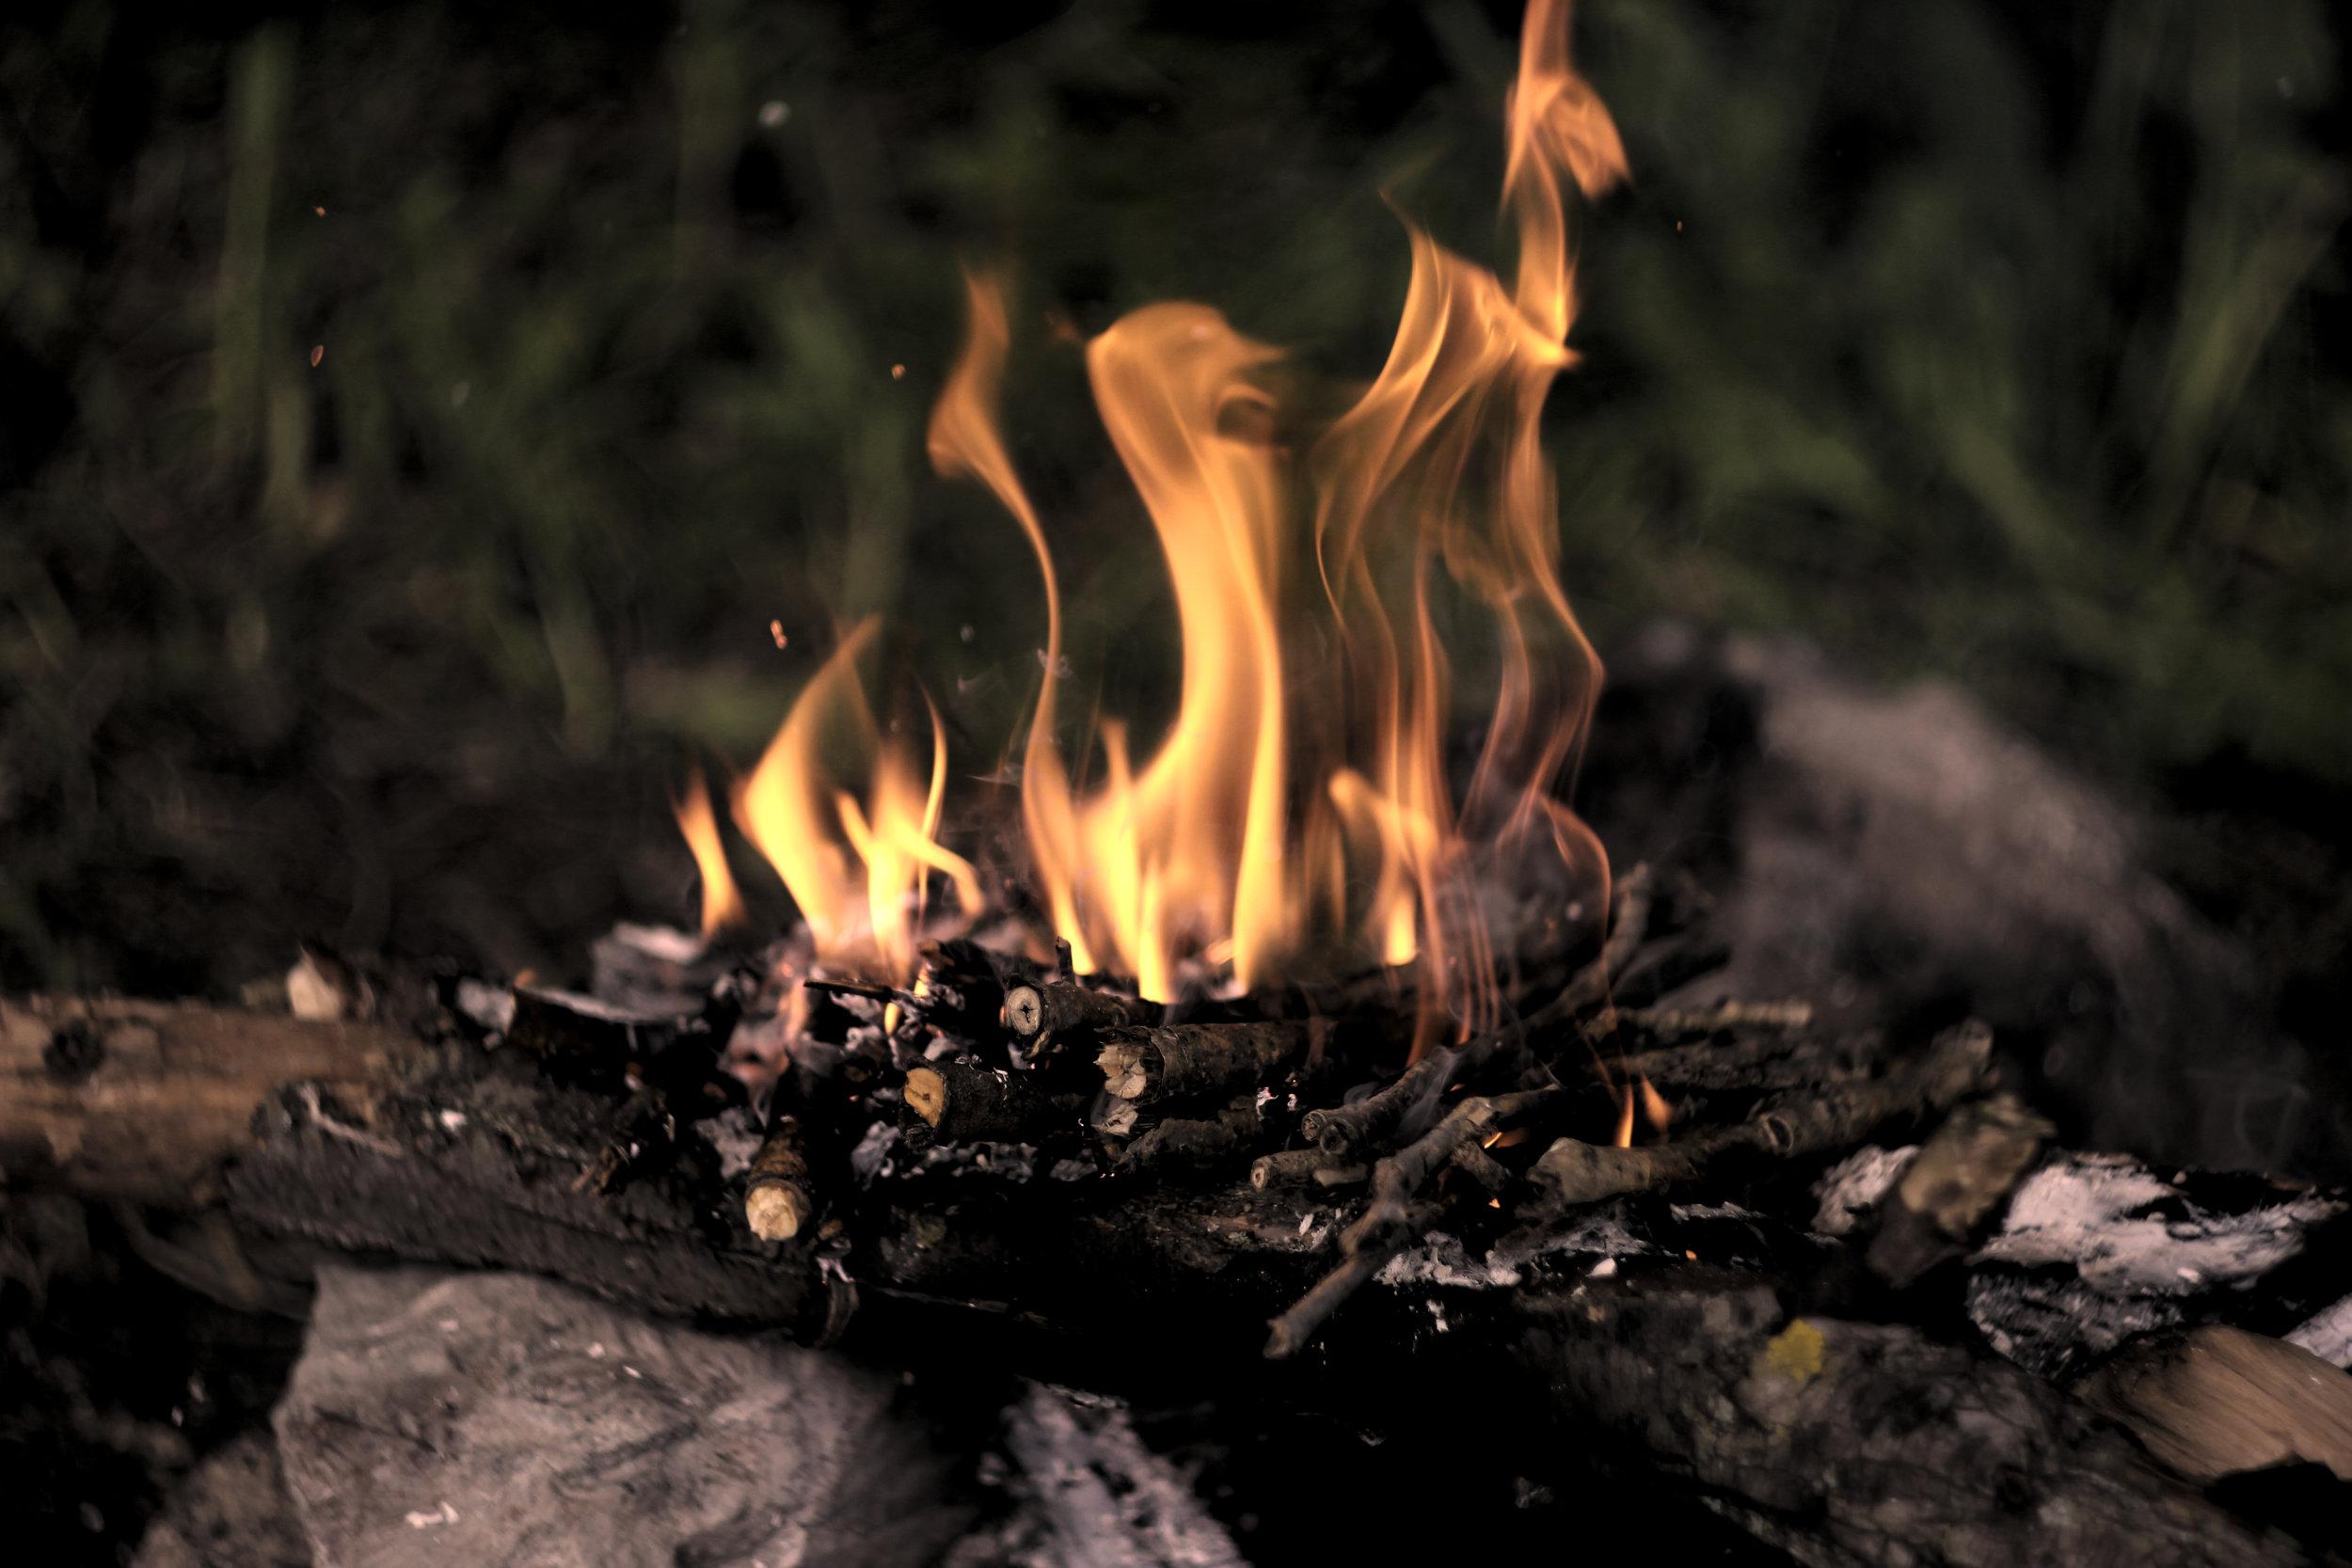 Un nuevo fuego … :: A new fire …